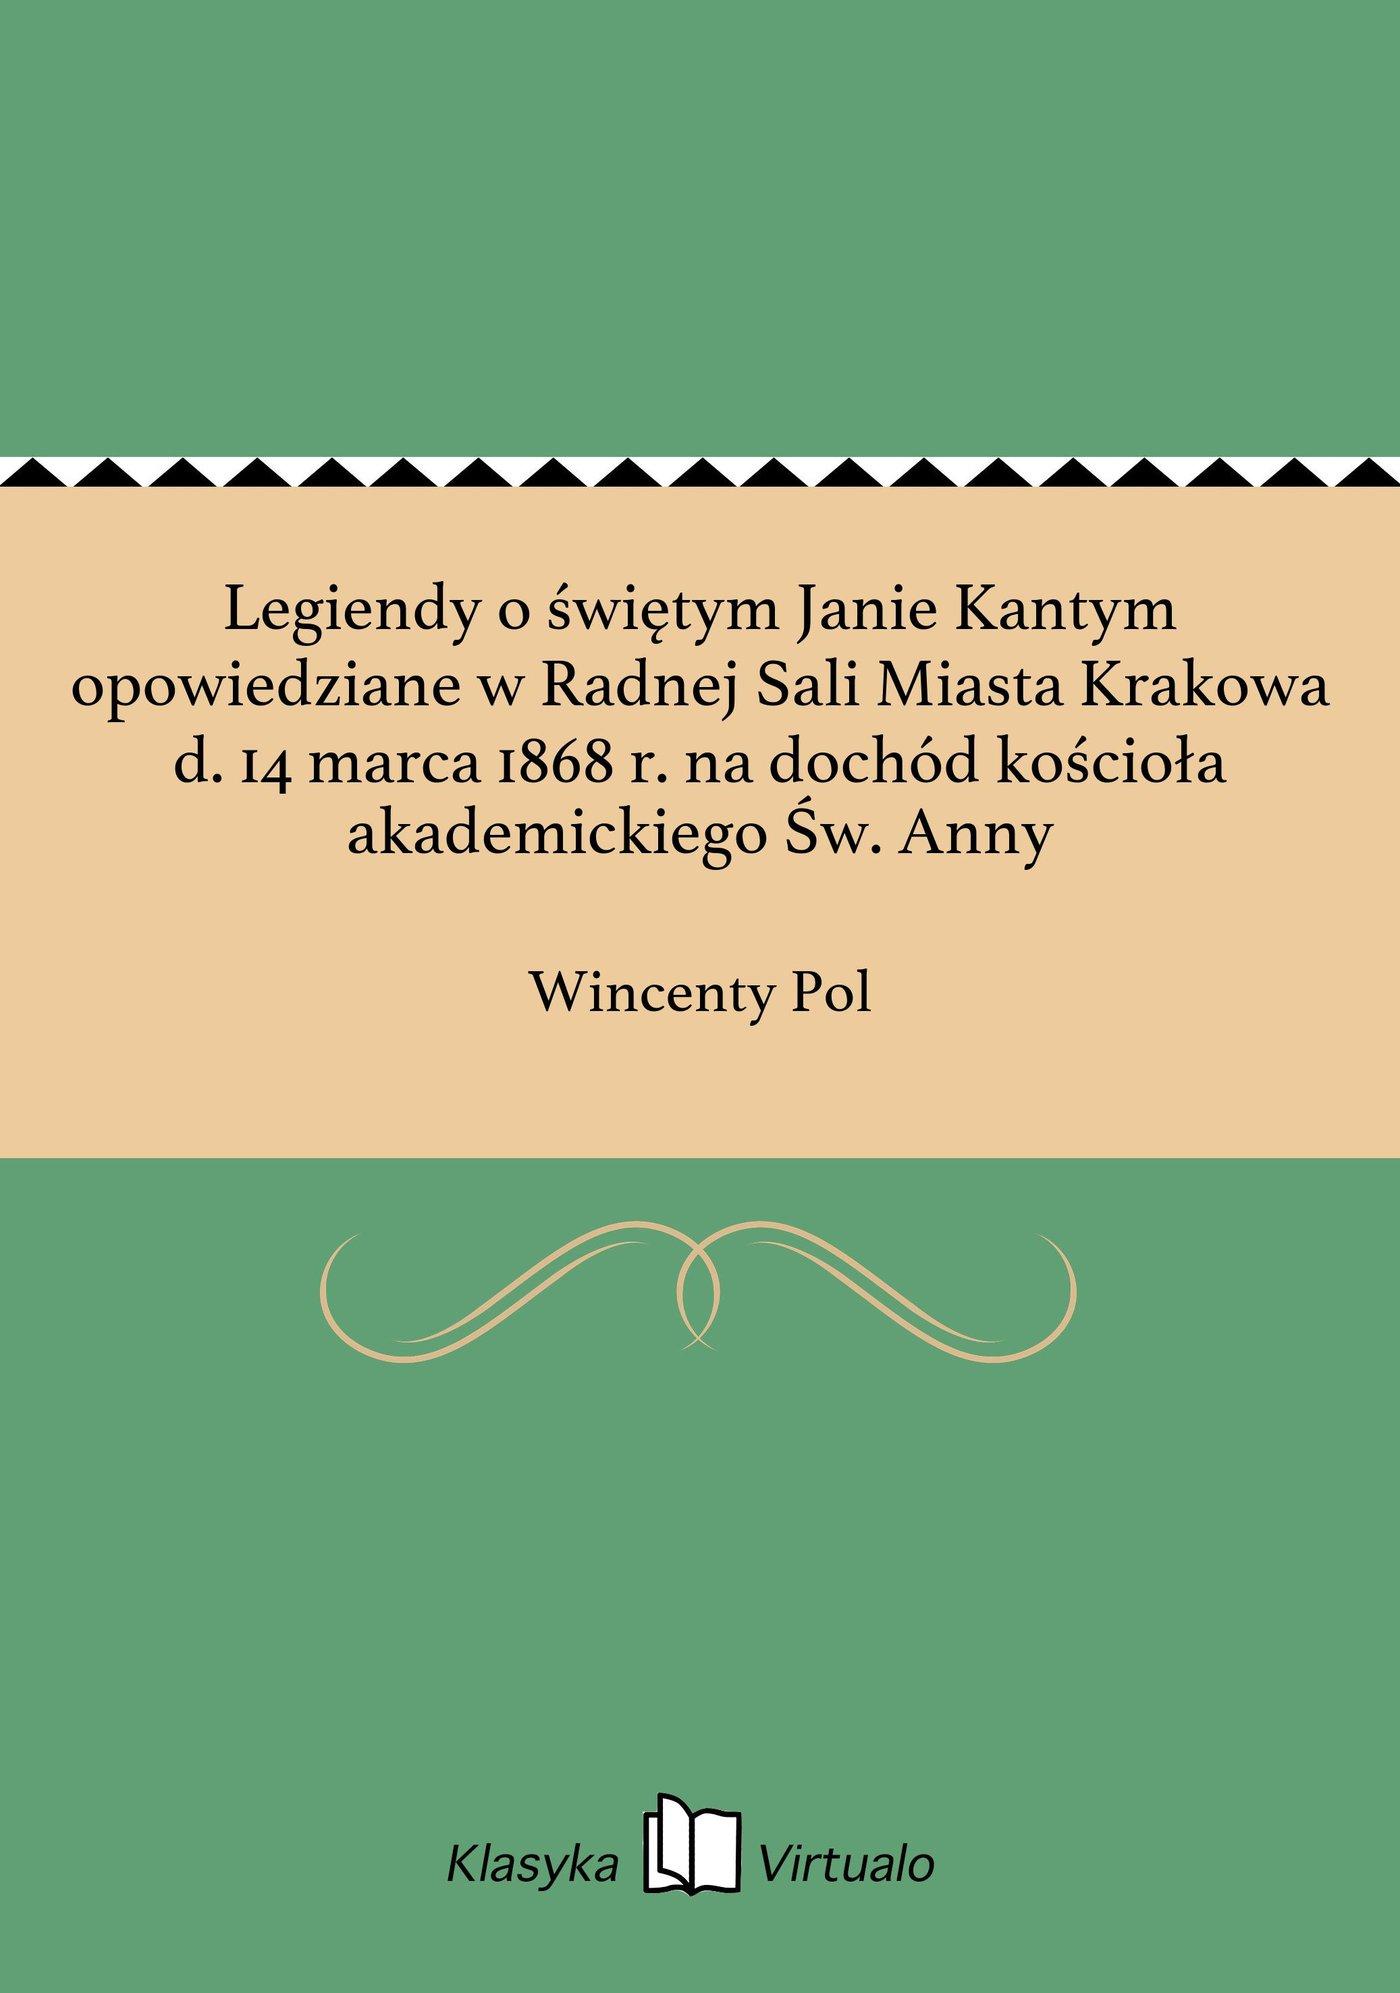 Legiendy o świętym Janie Kantym opowiedziane w Radnej Sali Miasta Krakowa d. 14 marca 1868 r. na dochód kościoła akademickiego Św. Anny - Ebook (Książka EPUB) do pobrania w formacie EPUB